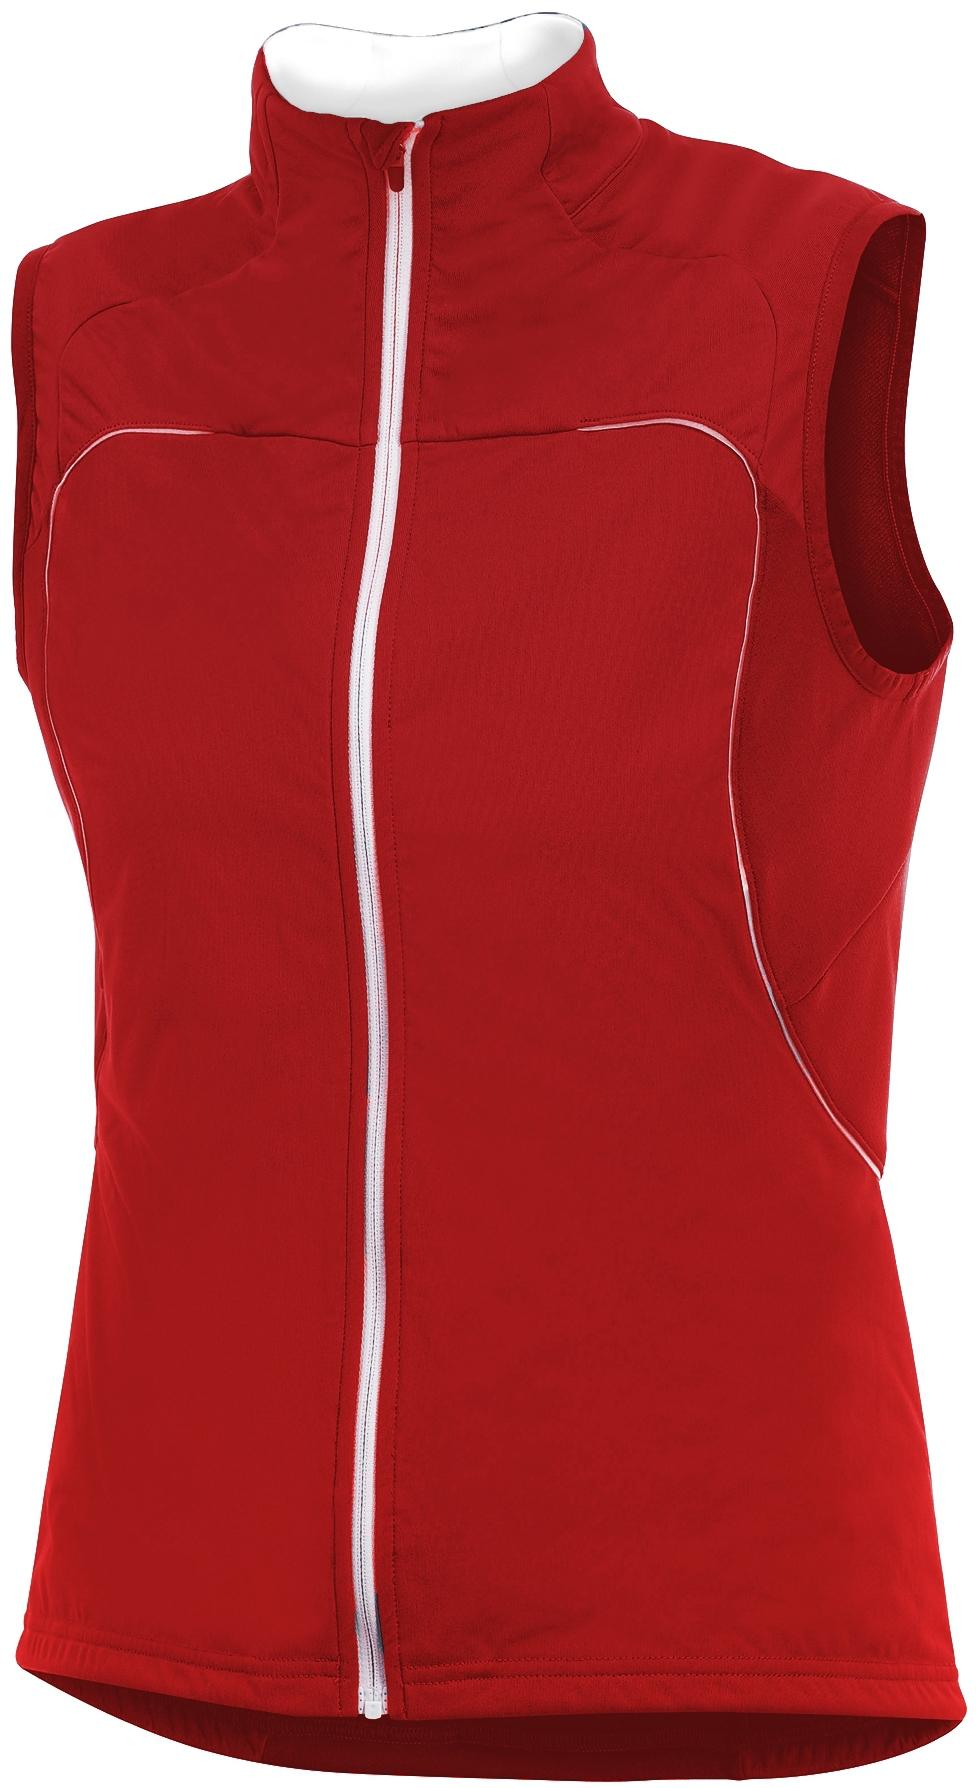 Женский жилет Craft Storm red  (1900274-2430)